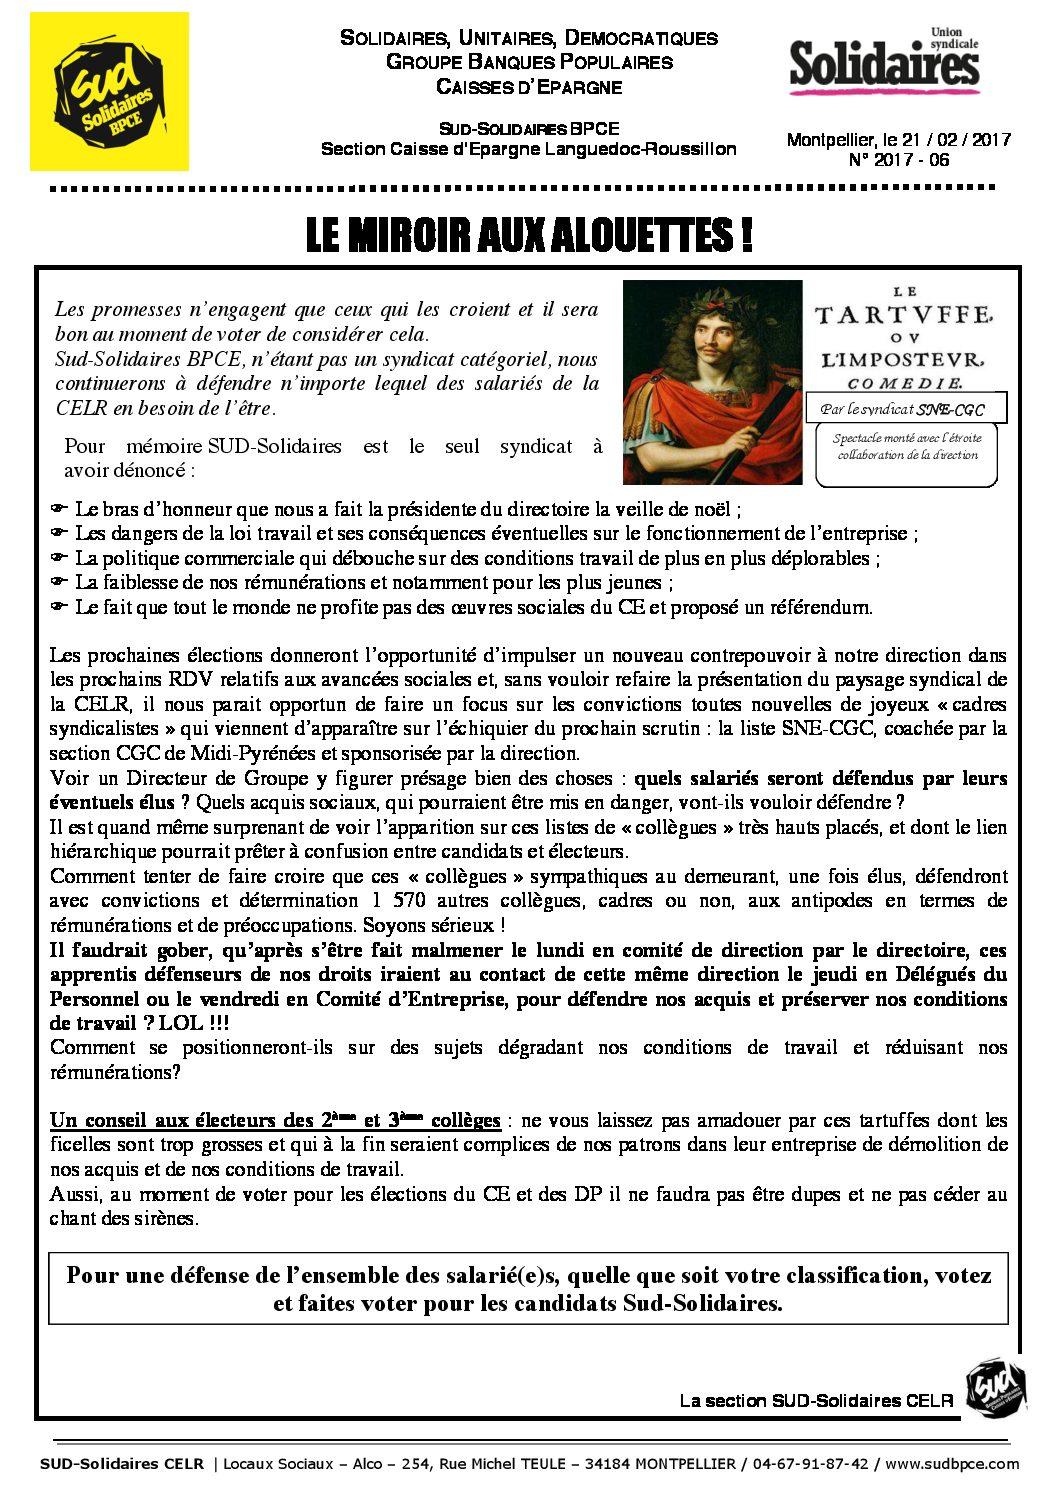 Celr le miroir aux alouettes sud solidaires bpce for Miroir aux alouettes